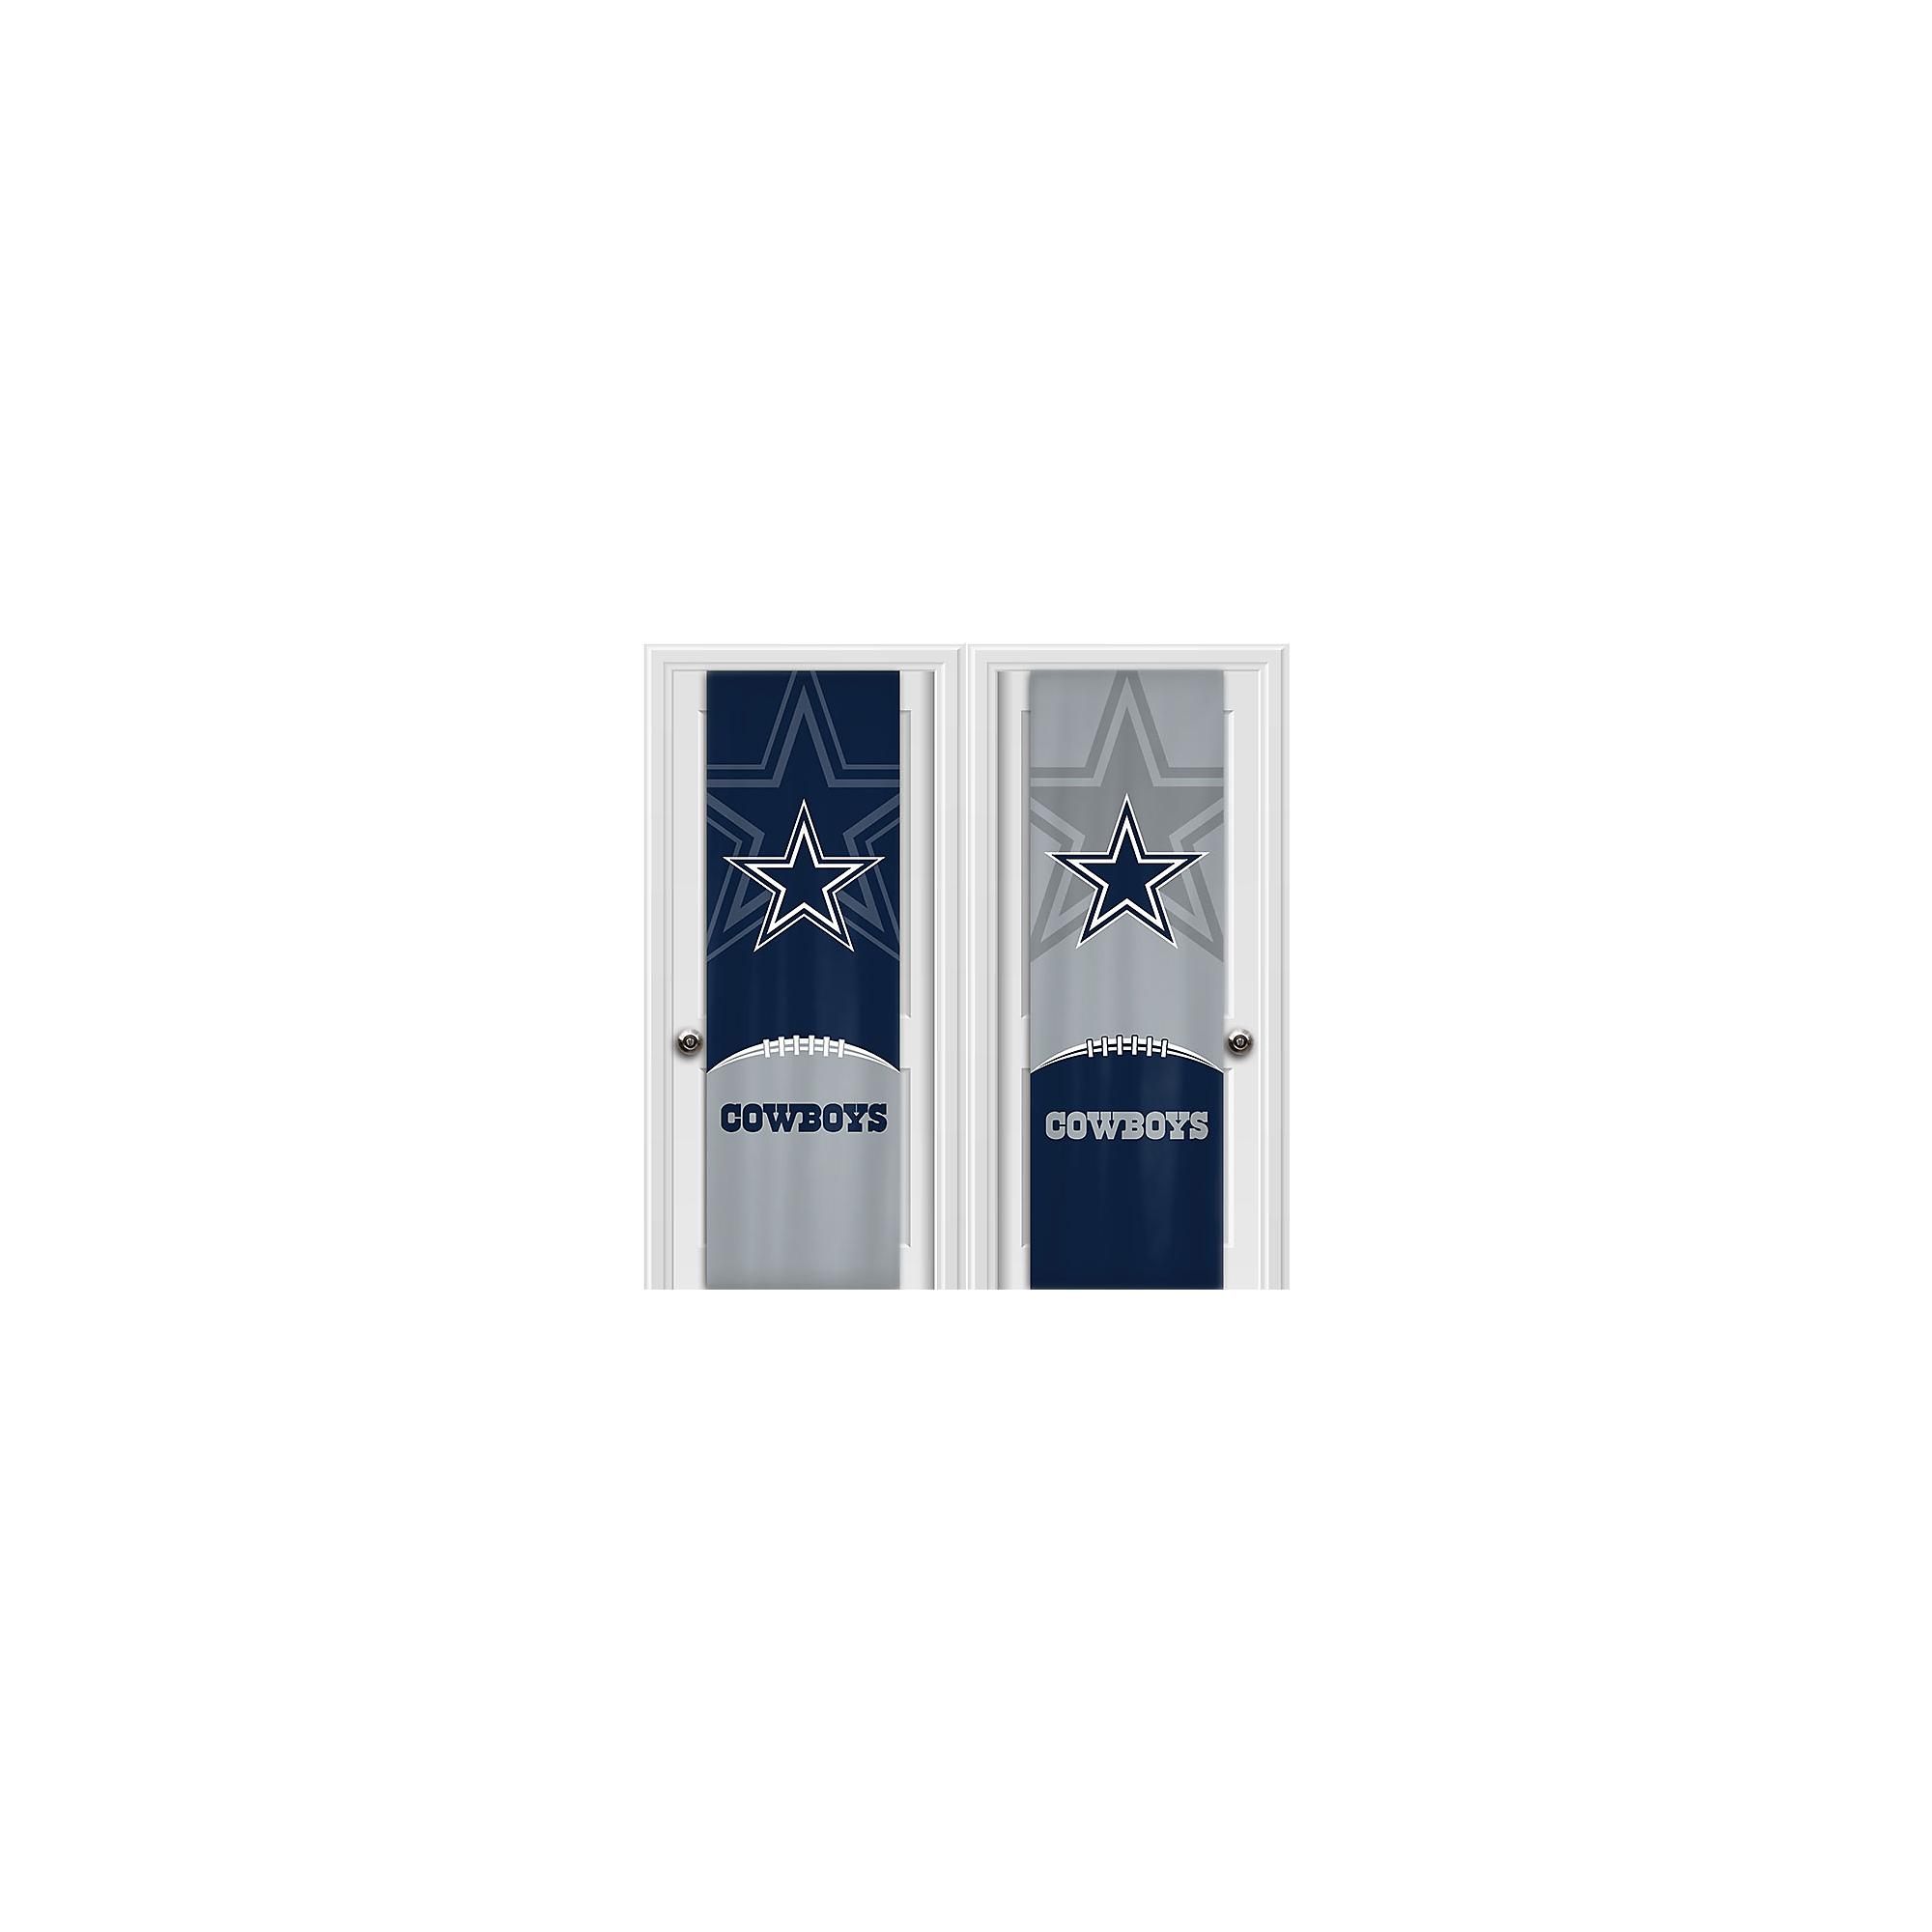 Dallas Cowboys 2-Sided Fabric Door Wrap